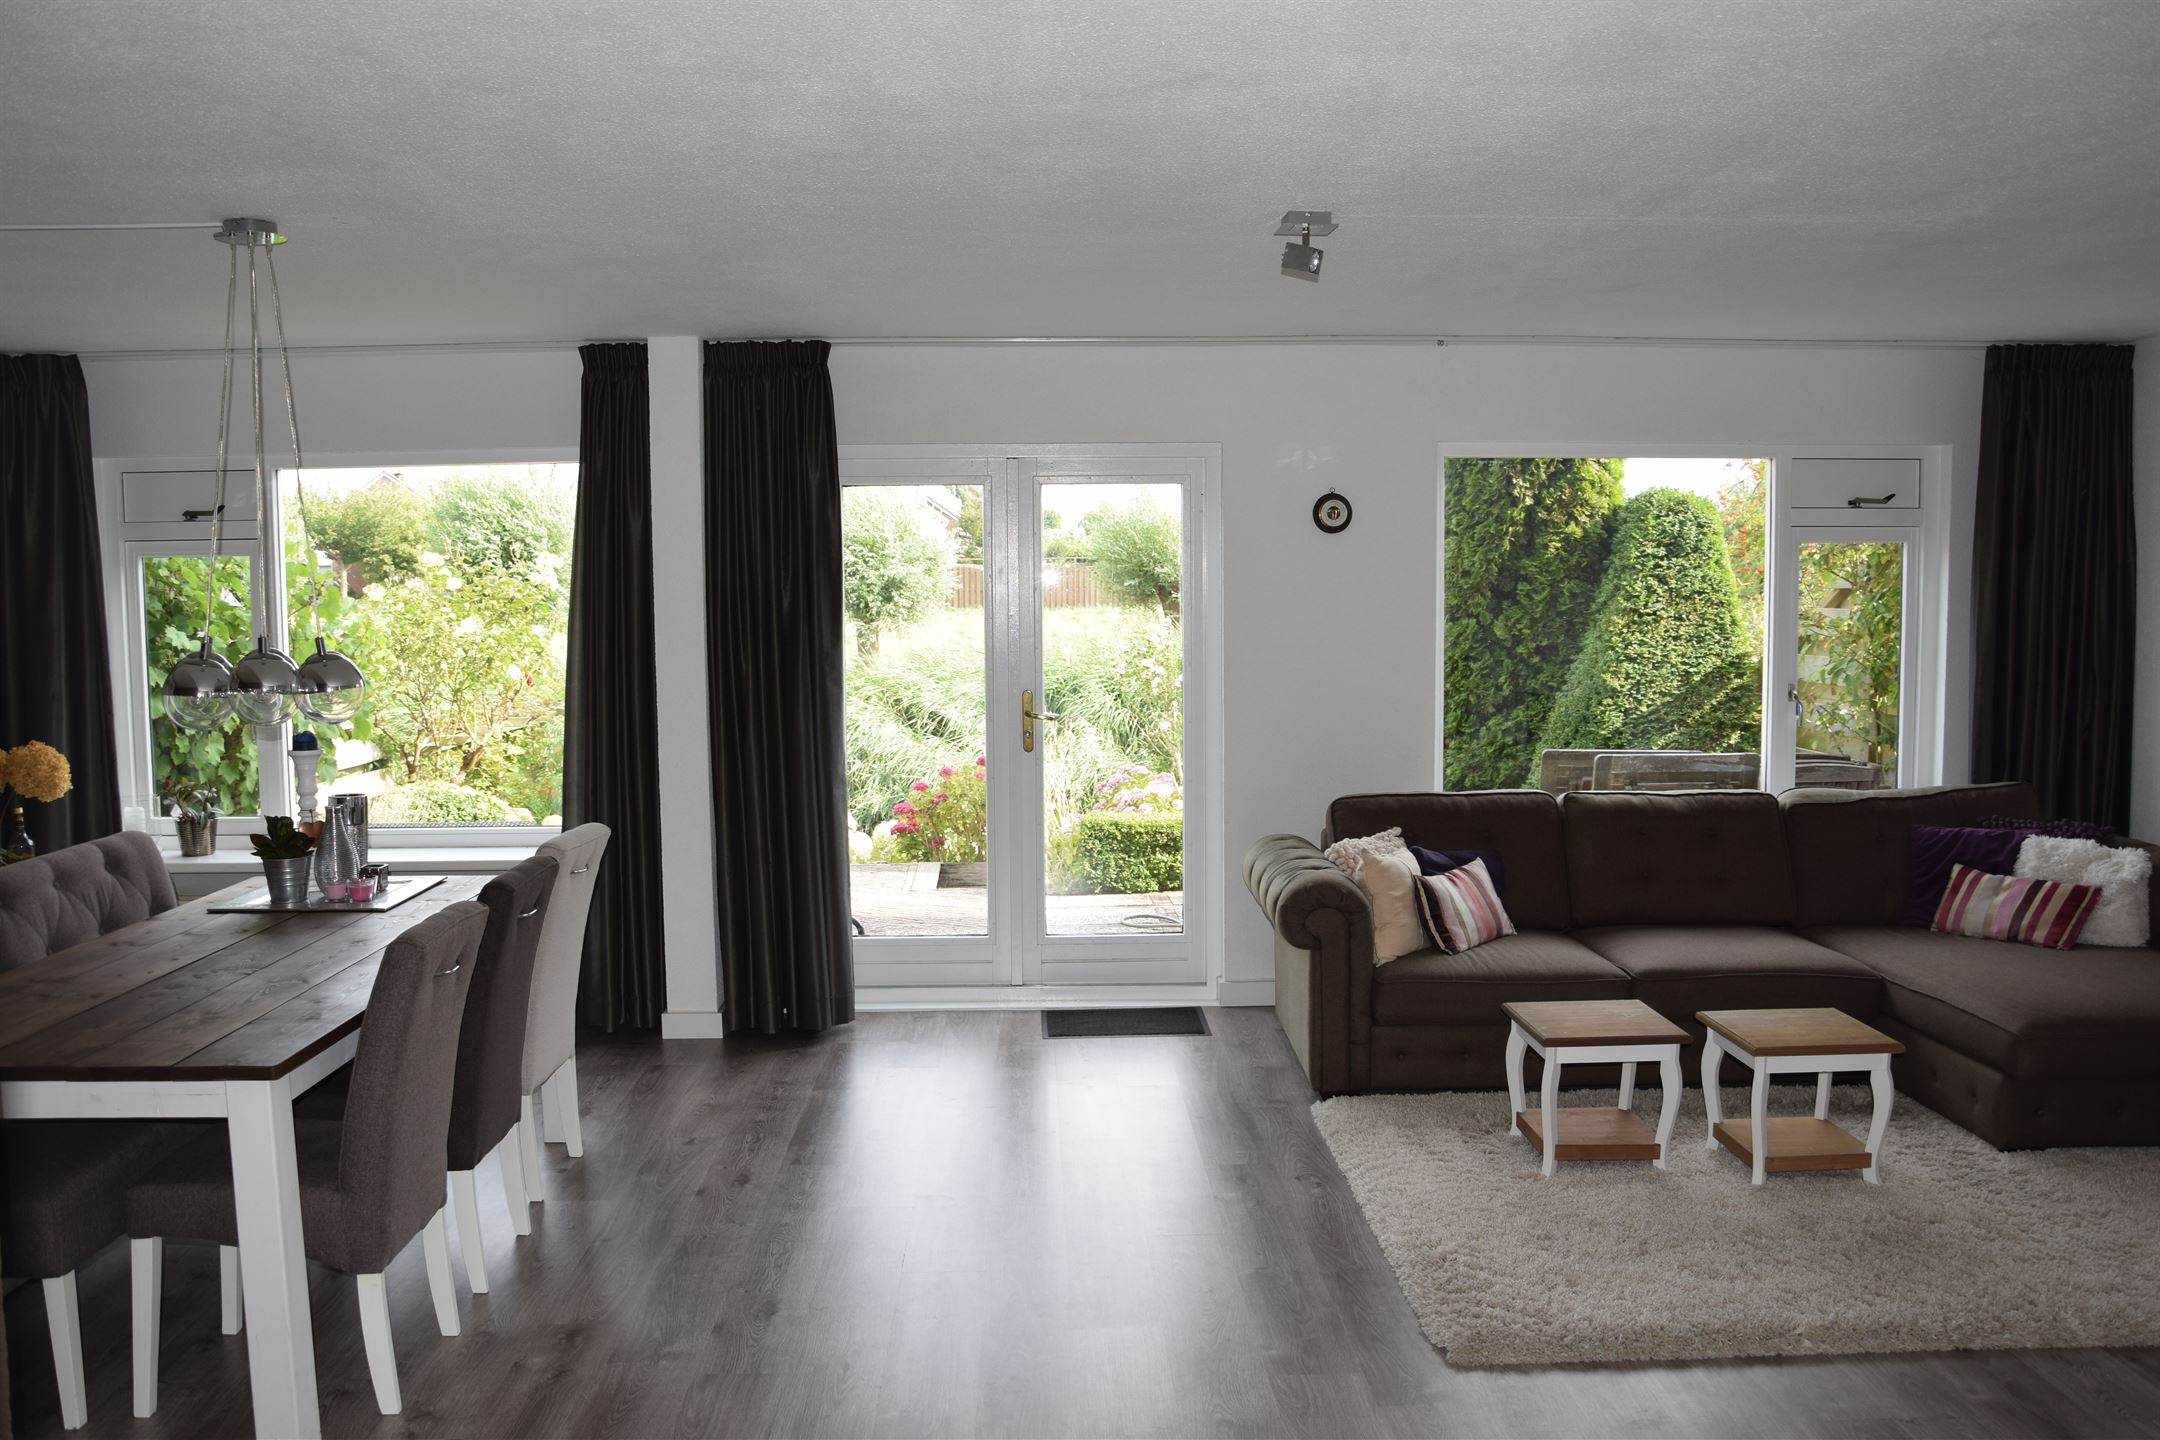 House for sale: goudenregenzoom 108 2719 hd zoetermeer [funda]